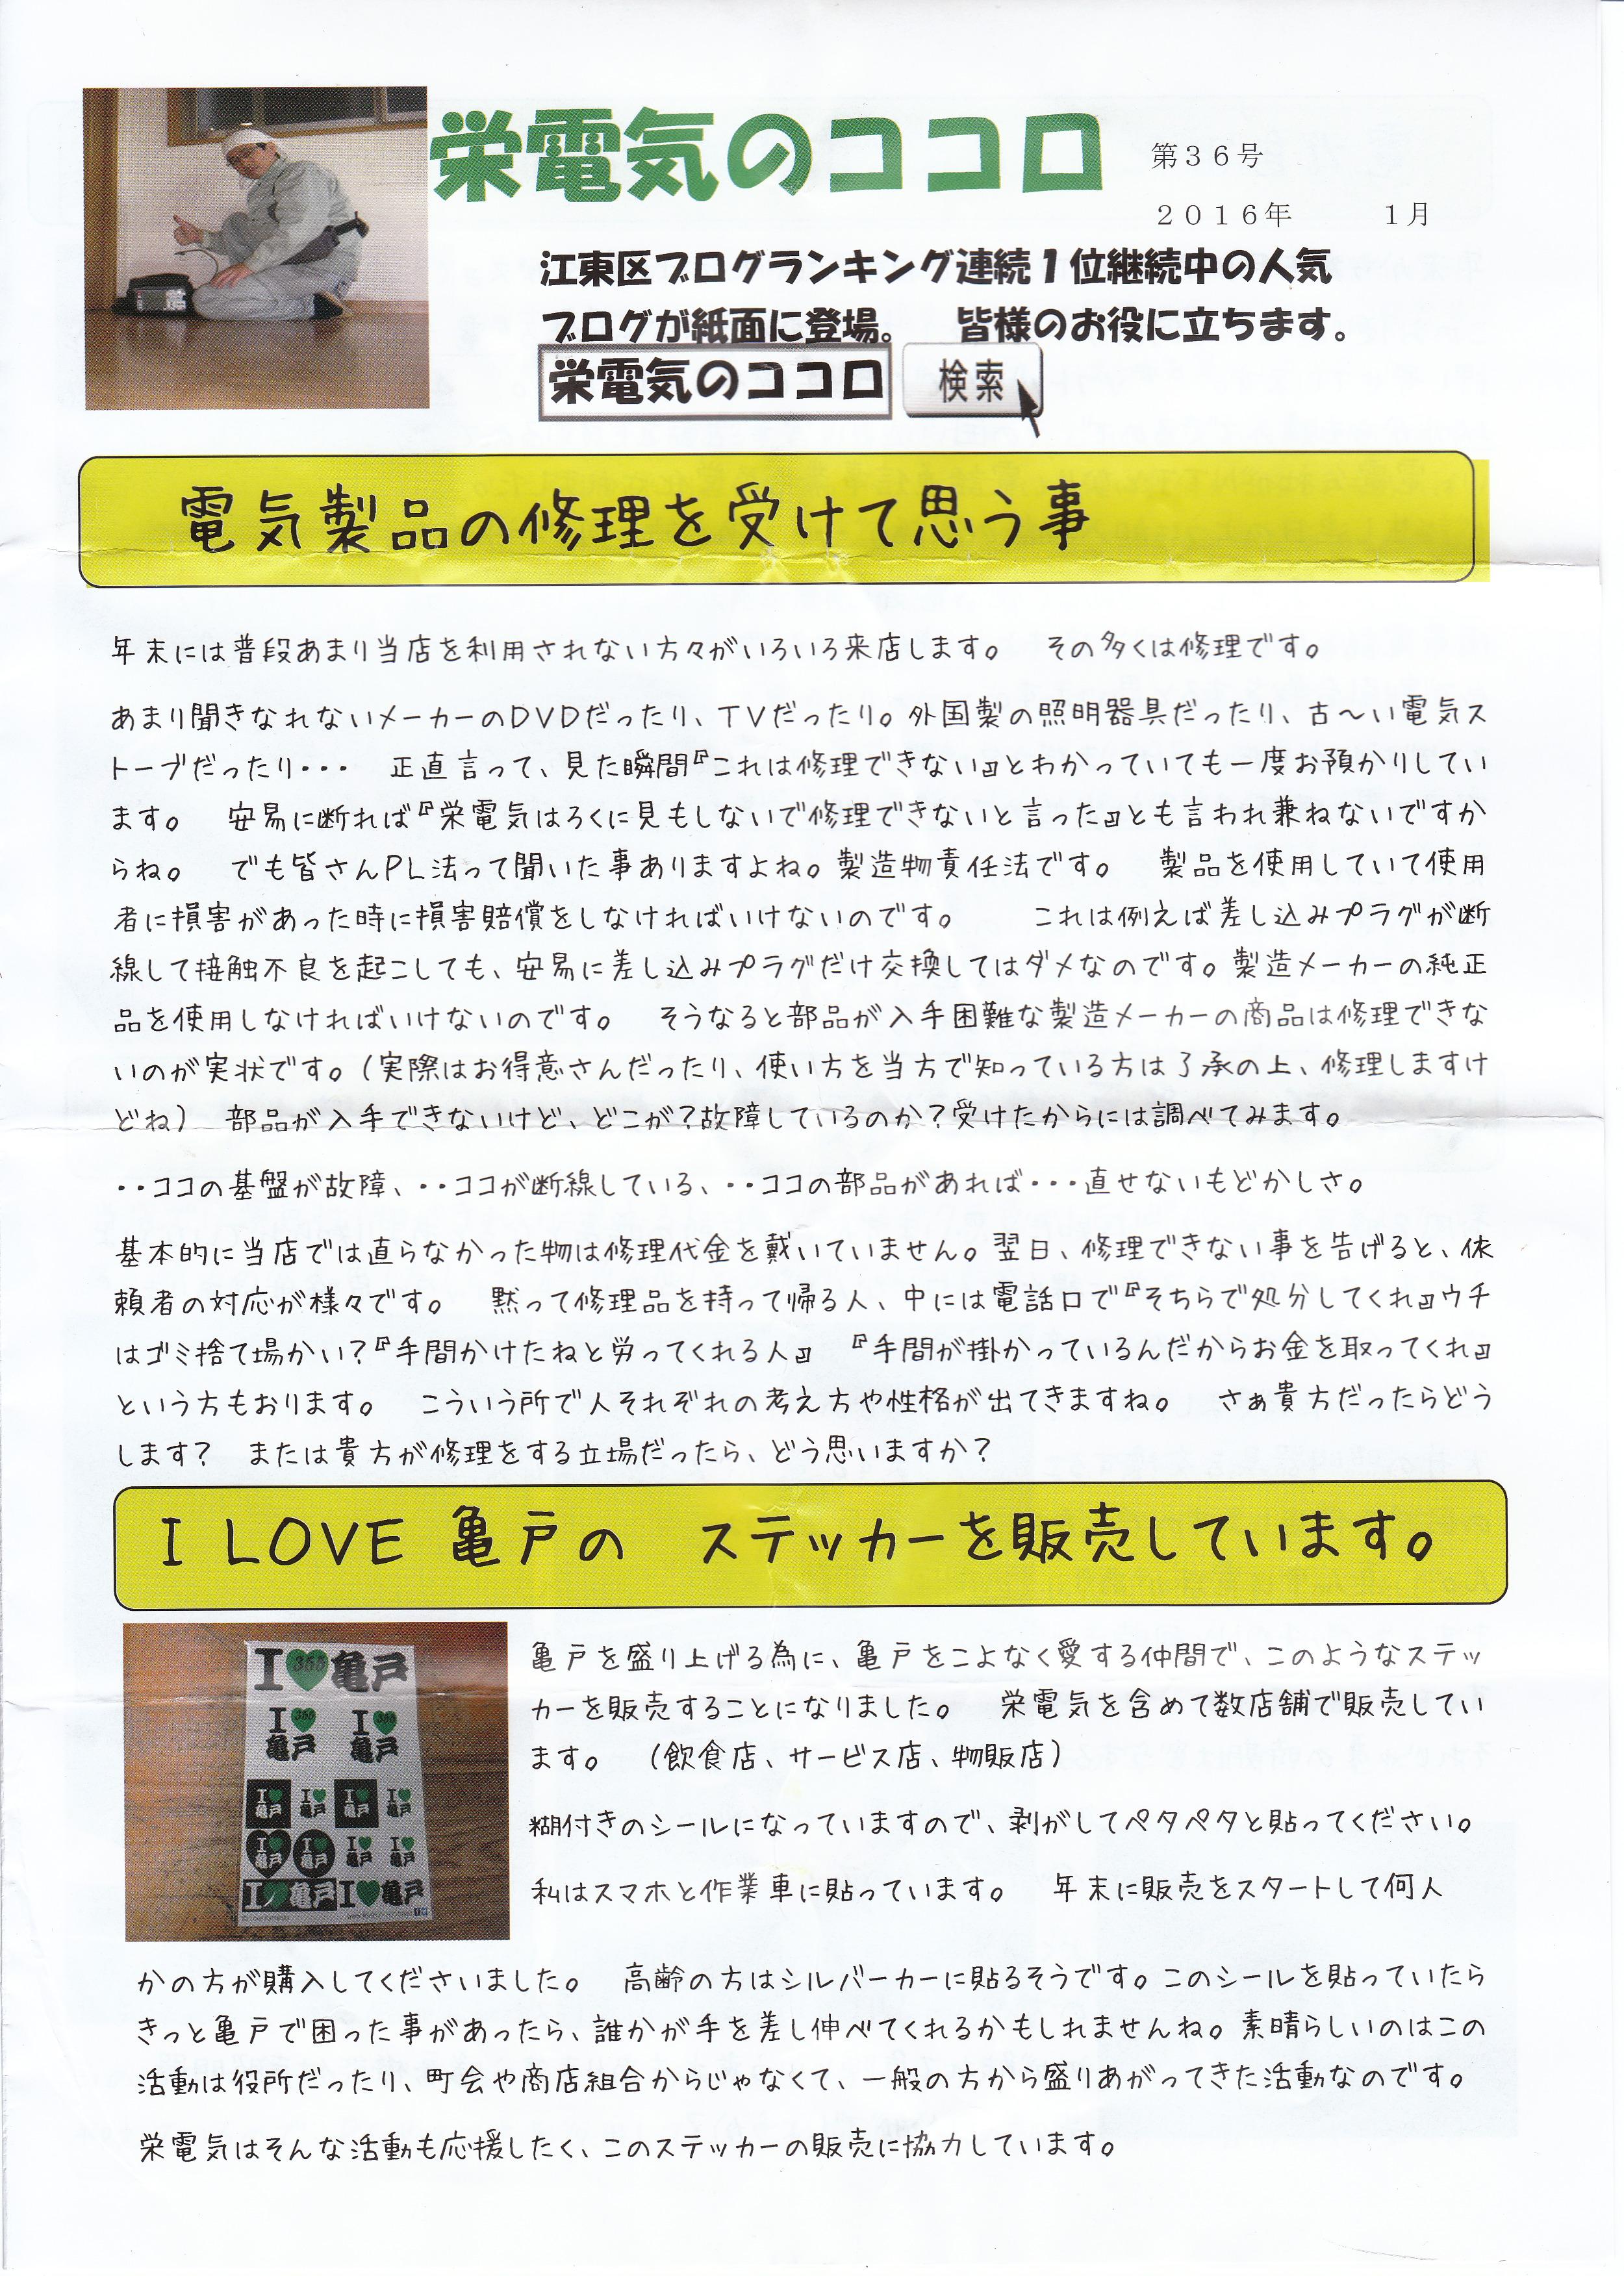 『栄電気のココロ』 2016年1月号 1ページ目